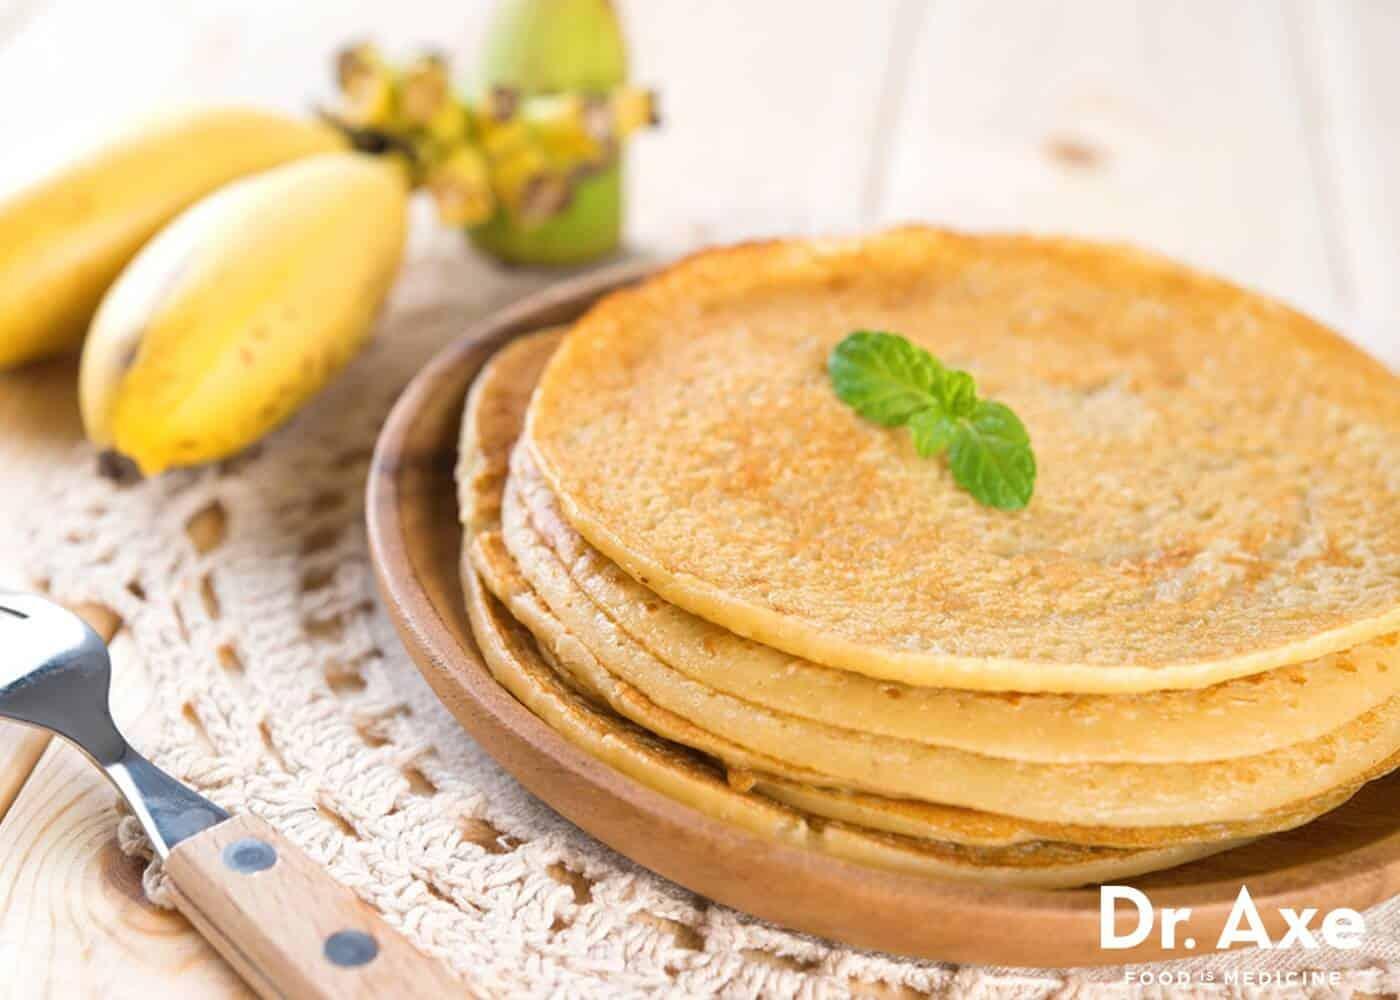 Coconut Banana Crepes Recipe - DrAxe.com